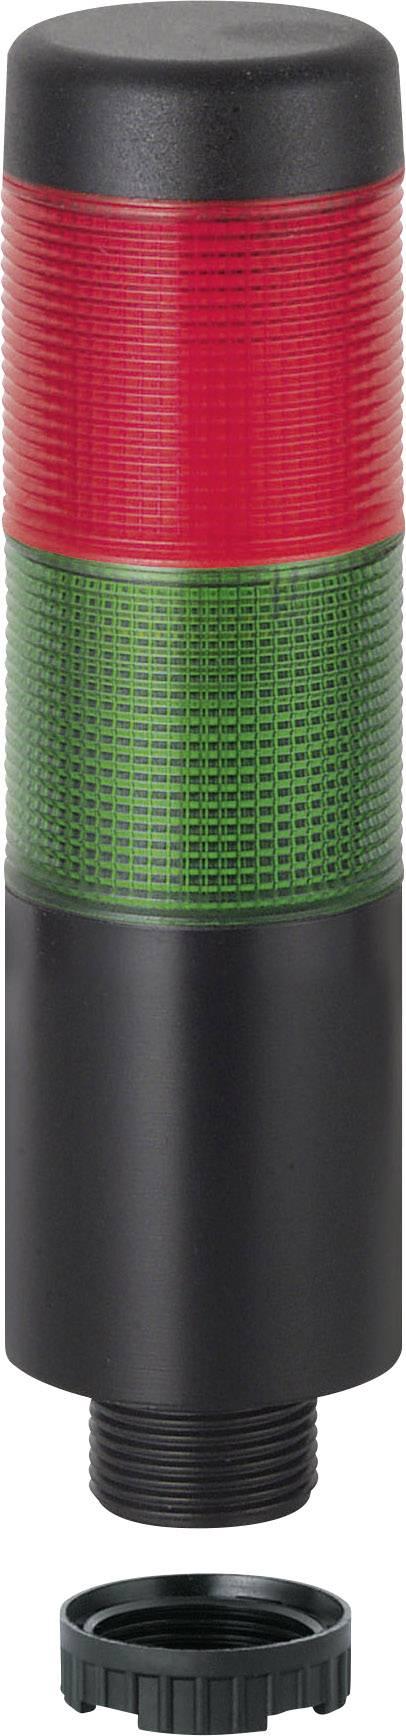 Signální sloupek LED Werma Signaltechnik WERMA KombiSign 71 698.120.75, 24 V/AC, 24 V/DC, trvalé světlo, zelená, červená